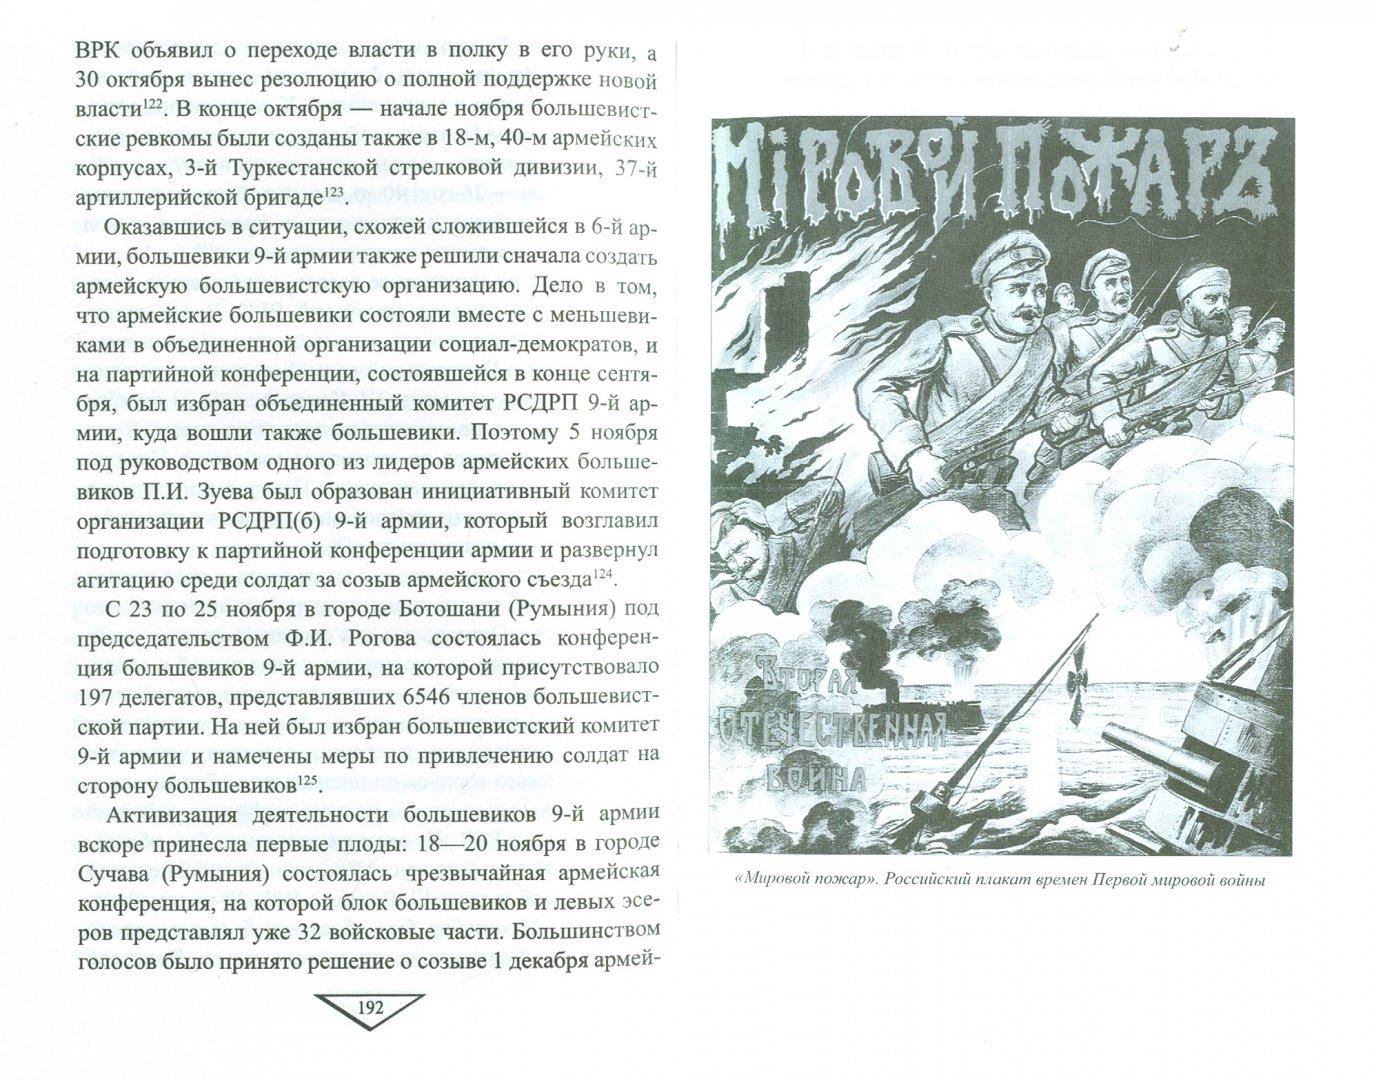 Иллюстрация 1 из 18 для Великая война: как погибала русская армия - Сергей Базанов   Лабиринт - книги. Источник: Лабиринт